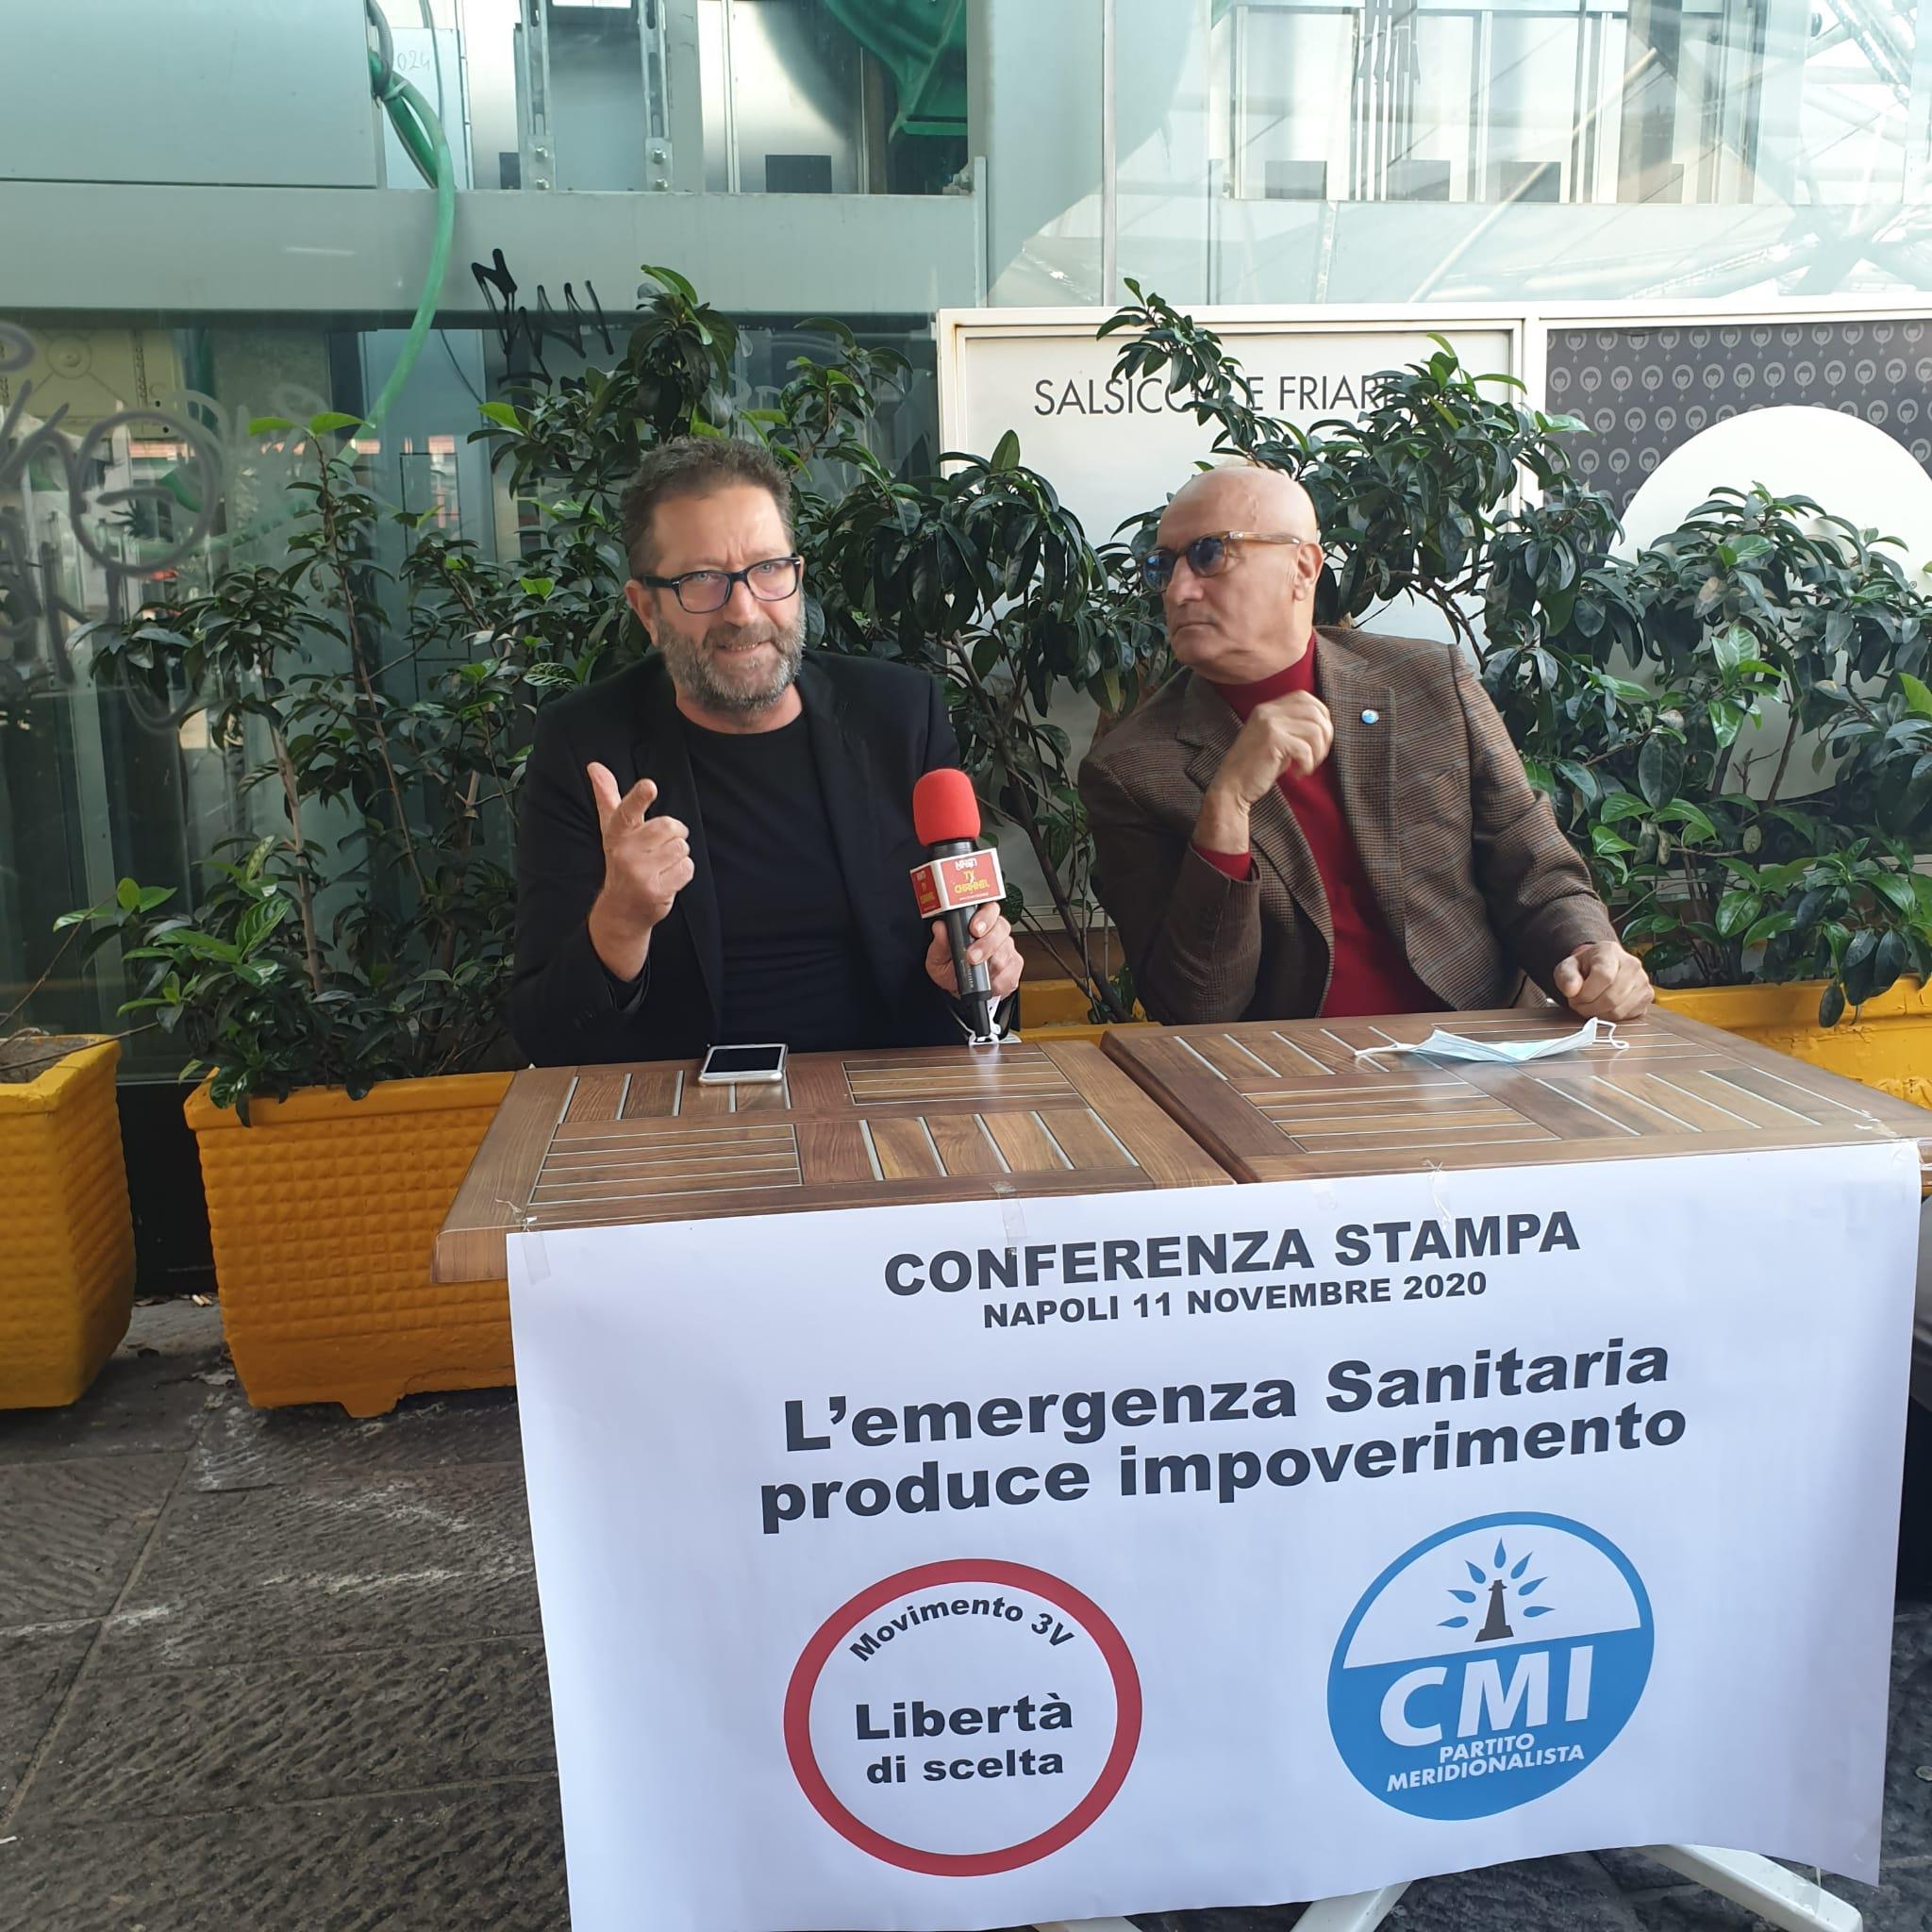 Covid, Campania: le categorie sociali preoccupate per clima di incertezza